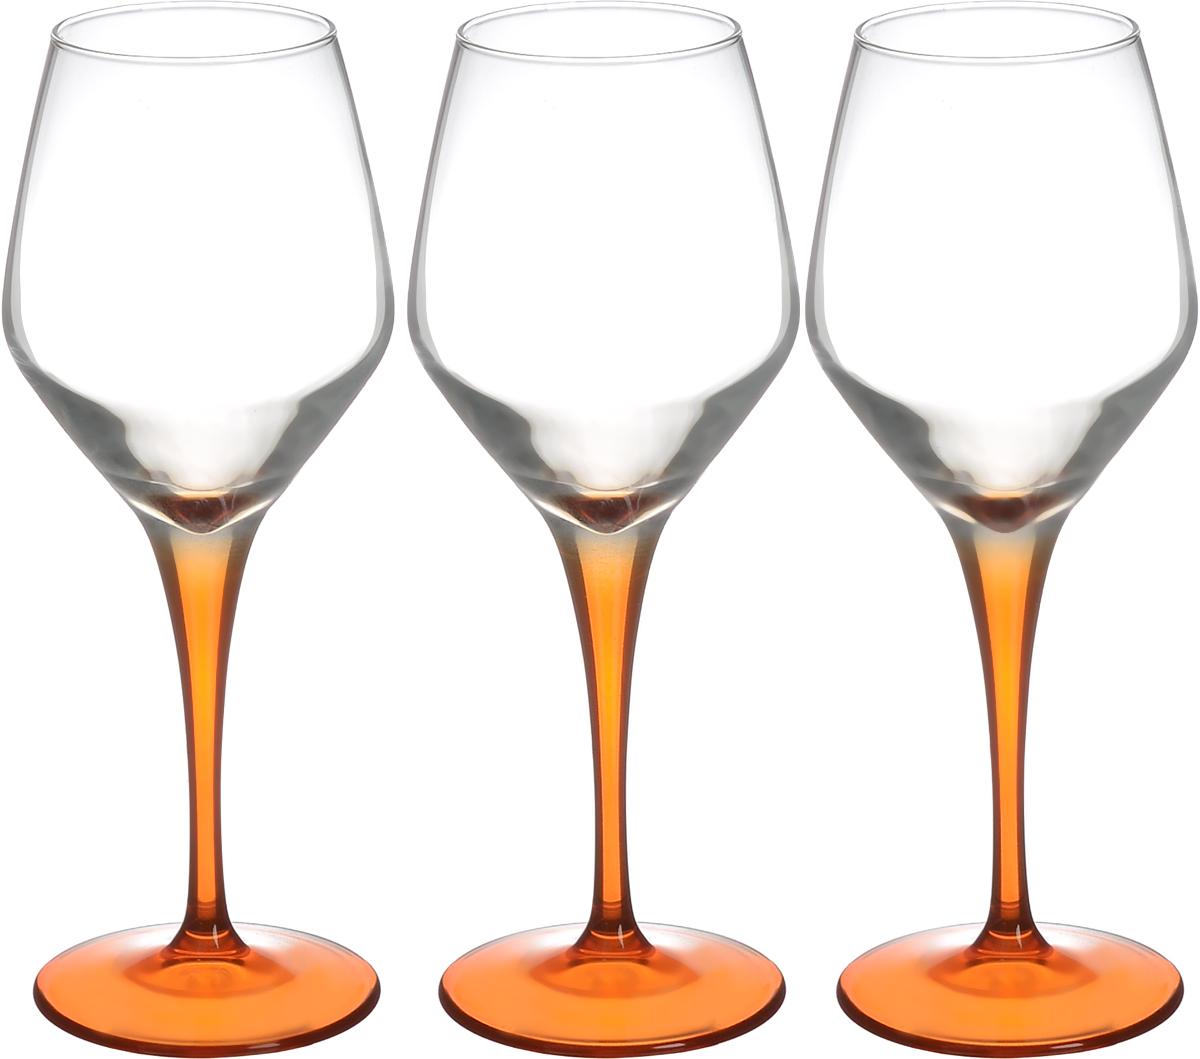 Набор фужеров Pasabahce Workshop Dream, цвет: прозрачный, оранжевый, 380 мл, 3 шт44581OR/Набор Pasabahce Workshop Dream, выполненный из стекла прозрачного и оранжевого цвета, состоит из 3 изящных фужеров на ножках, которые излучают приятный блеск и издают мелодичный хрустальный звон. Фужеры идеально подойдут для сервировки стола и станут отличным подарком к любому празднику. Диаметр (по верхнему краю): 6 см. Высота фужера: 22,5 см. Диаметр основания: 8 см.